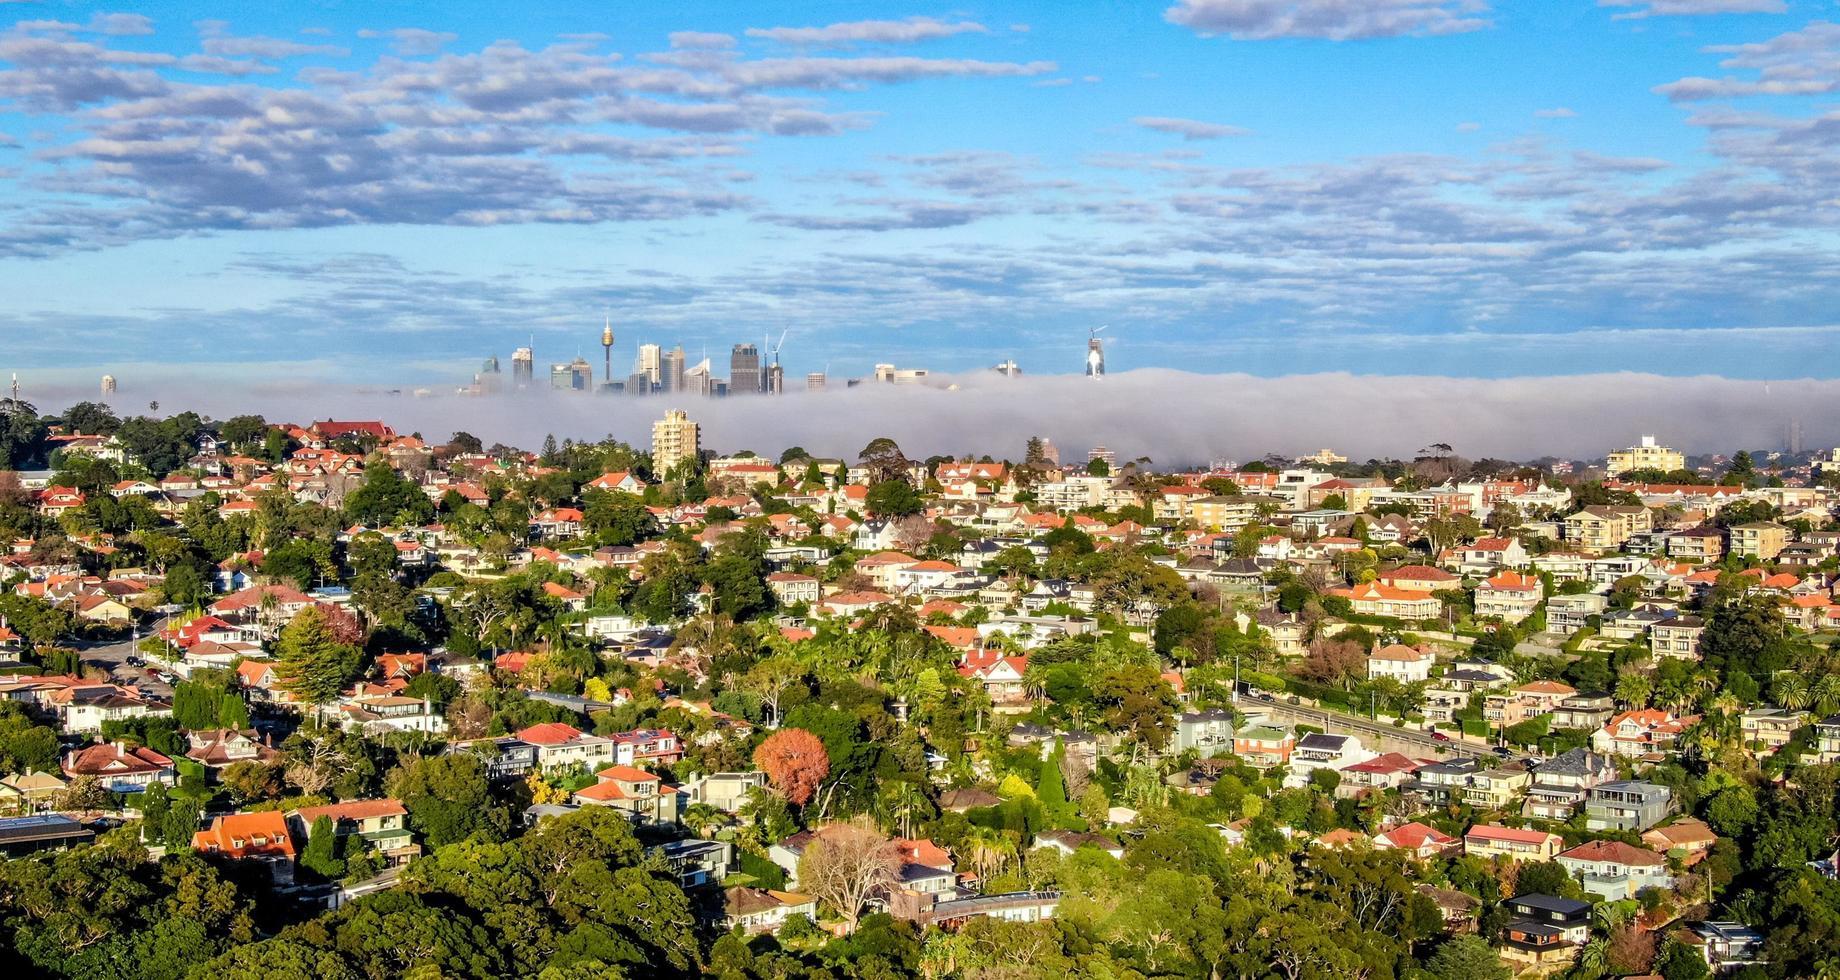 sydney, australia, 2020 - veduta aerea degli edifici della città durante il giorno foto